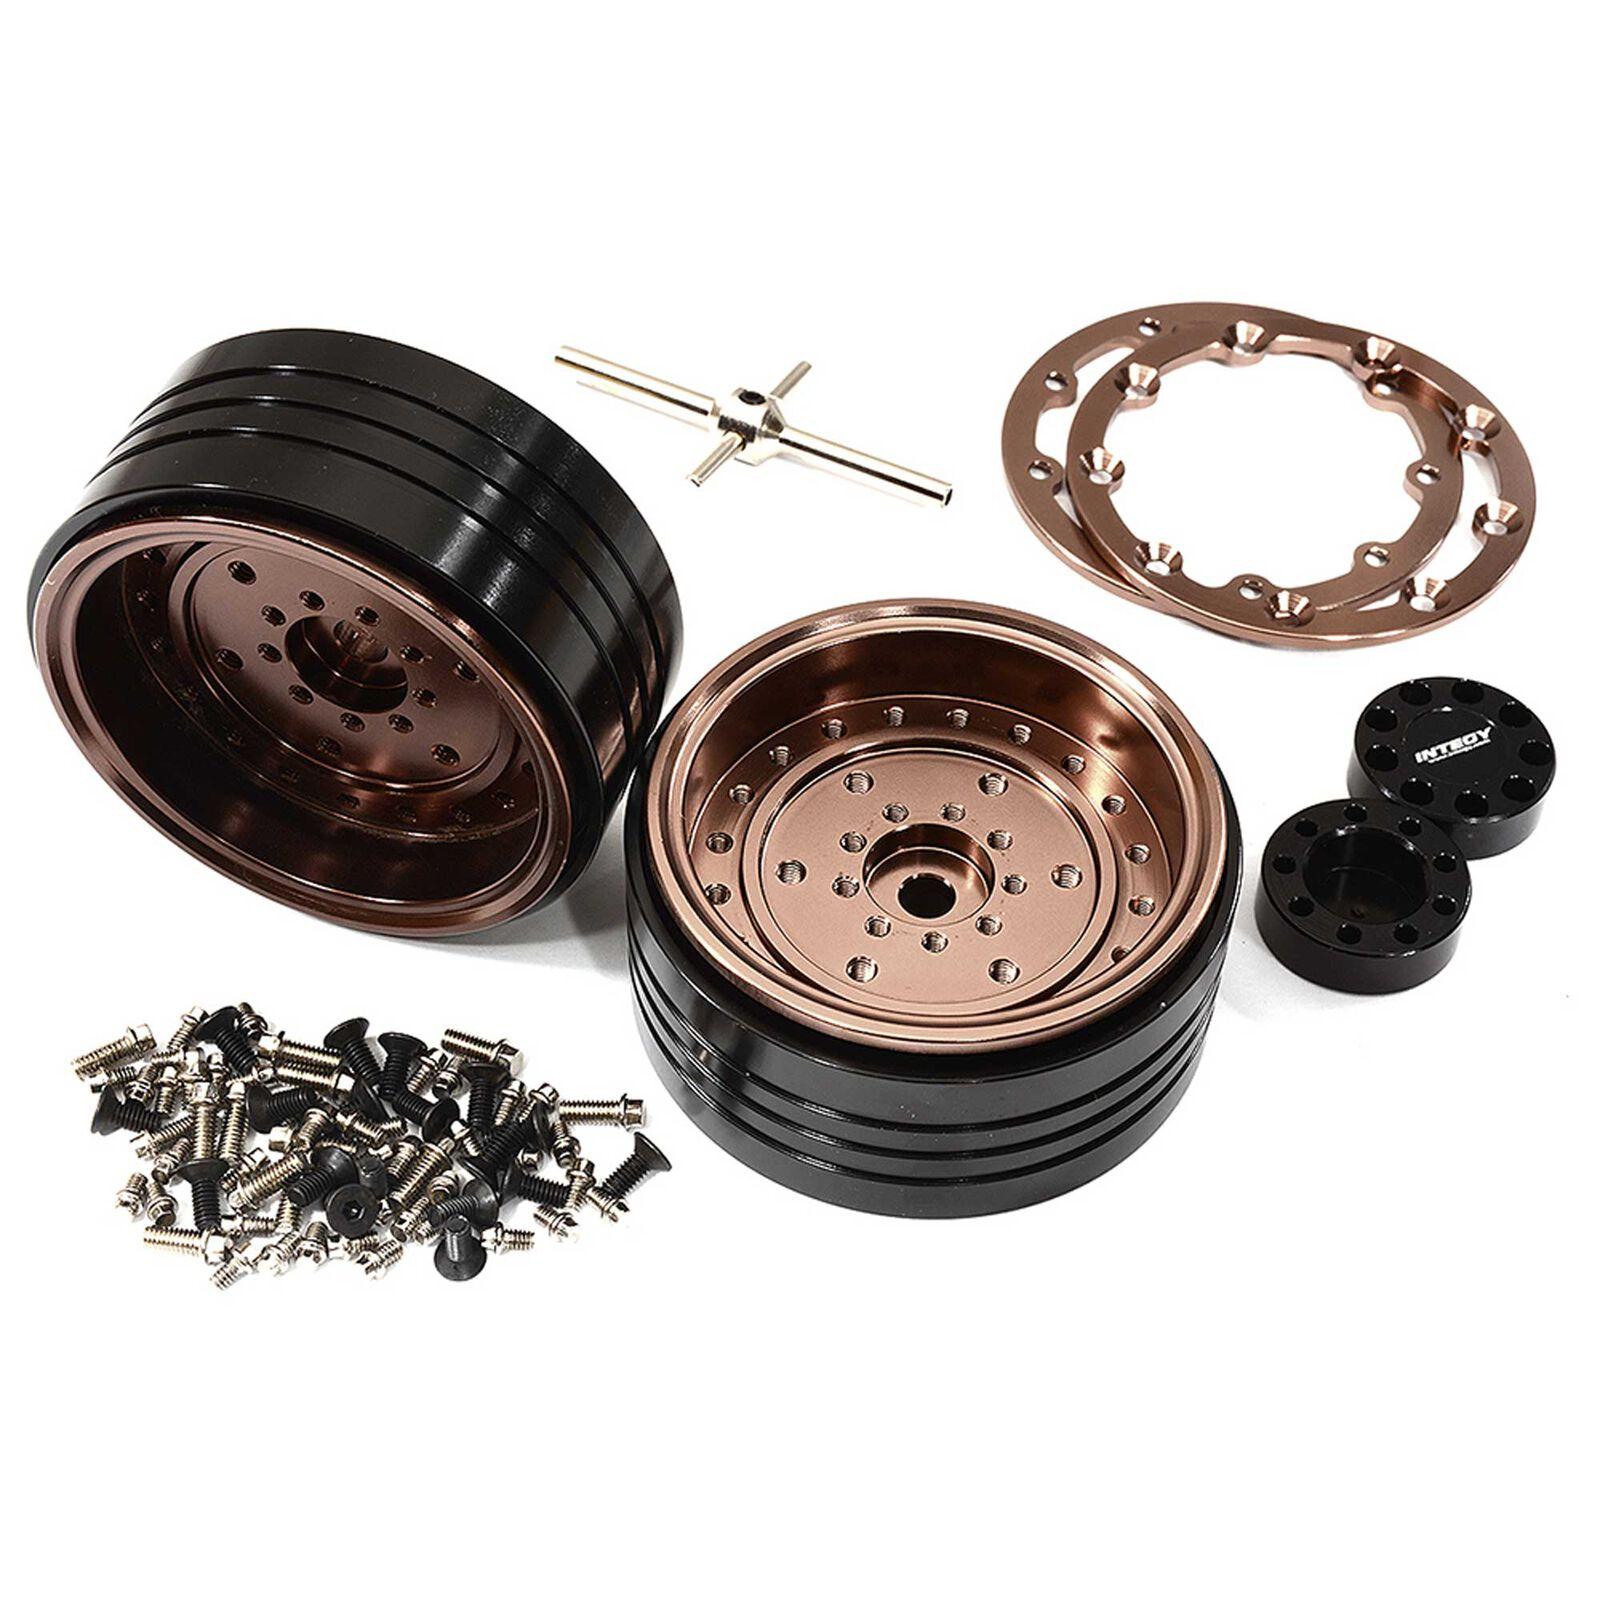 Alloy Beadlock Wheels, Bronze: 1/10 Enduro Sendero